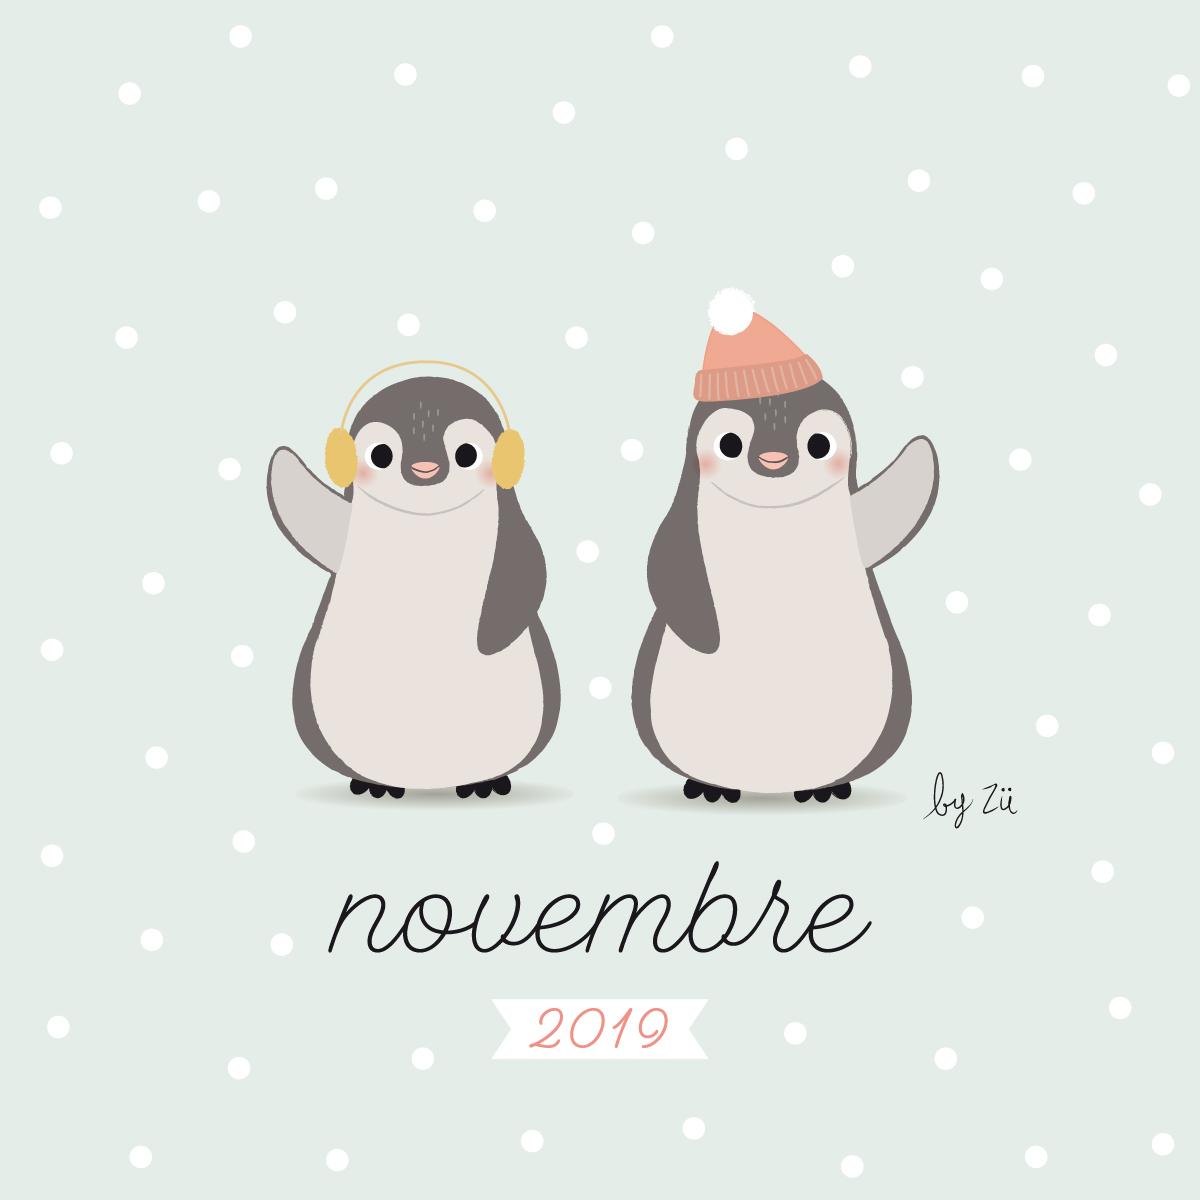 Le Calendrier Diy Novembre 2019 Zu Le Blog